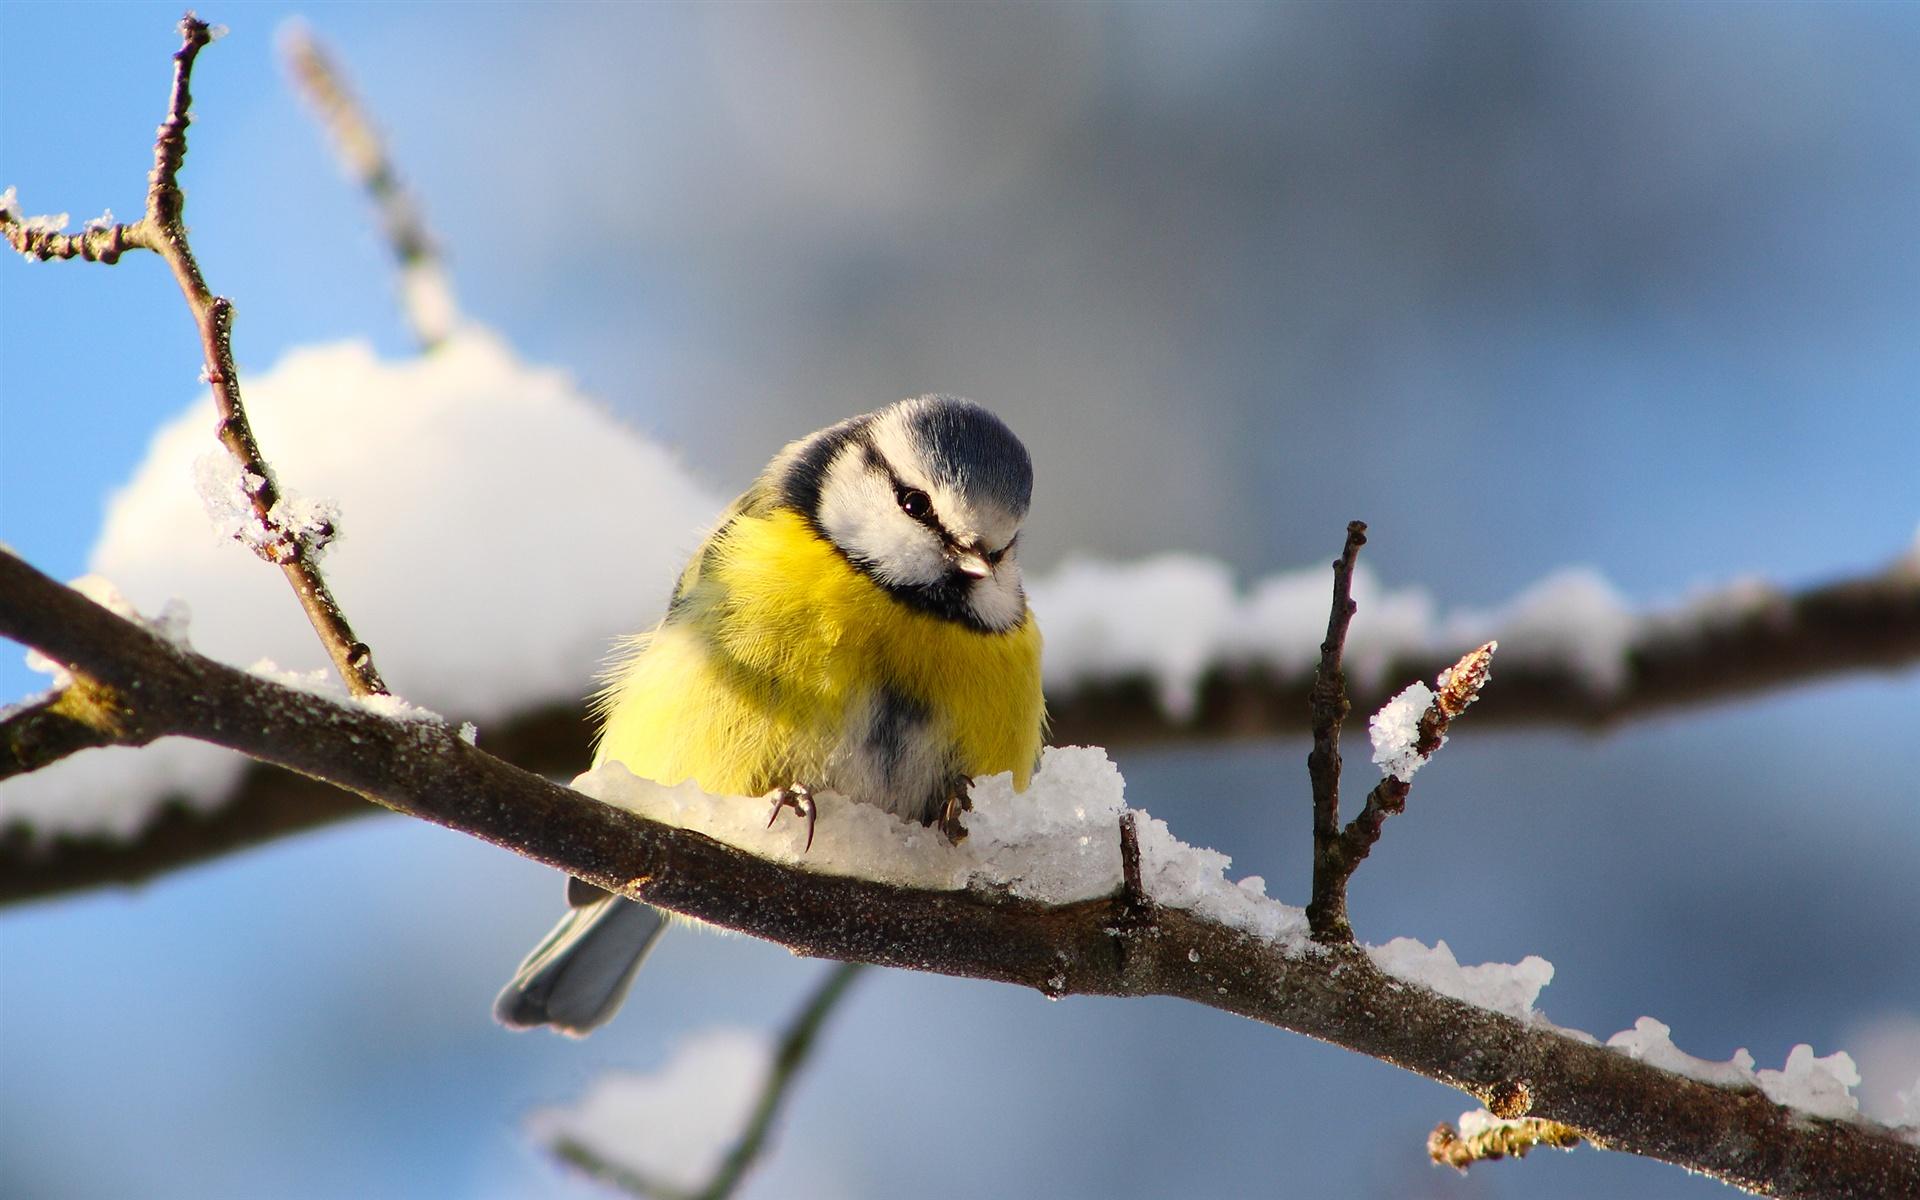 download hintergrundbilder 1920x1200 vogel fotografie meise zweige schnee im winter hd. Black Bedroom Furniture Sets. Home Design Ideas